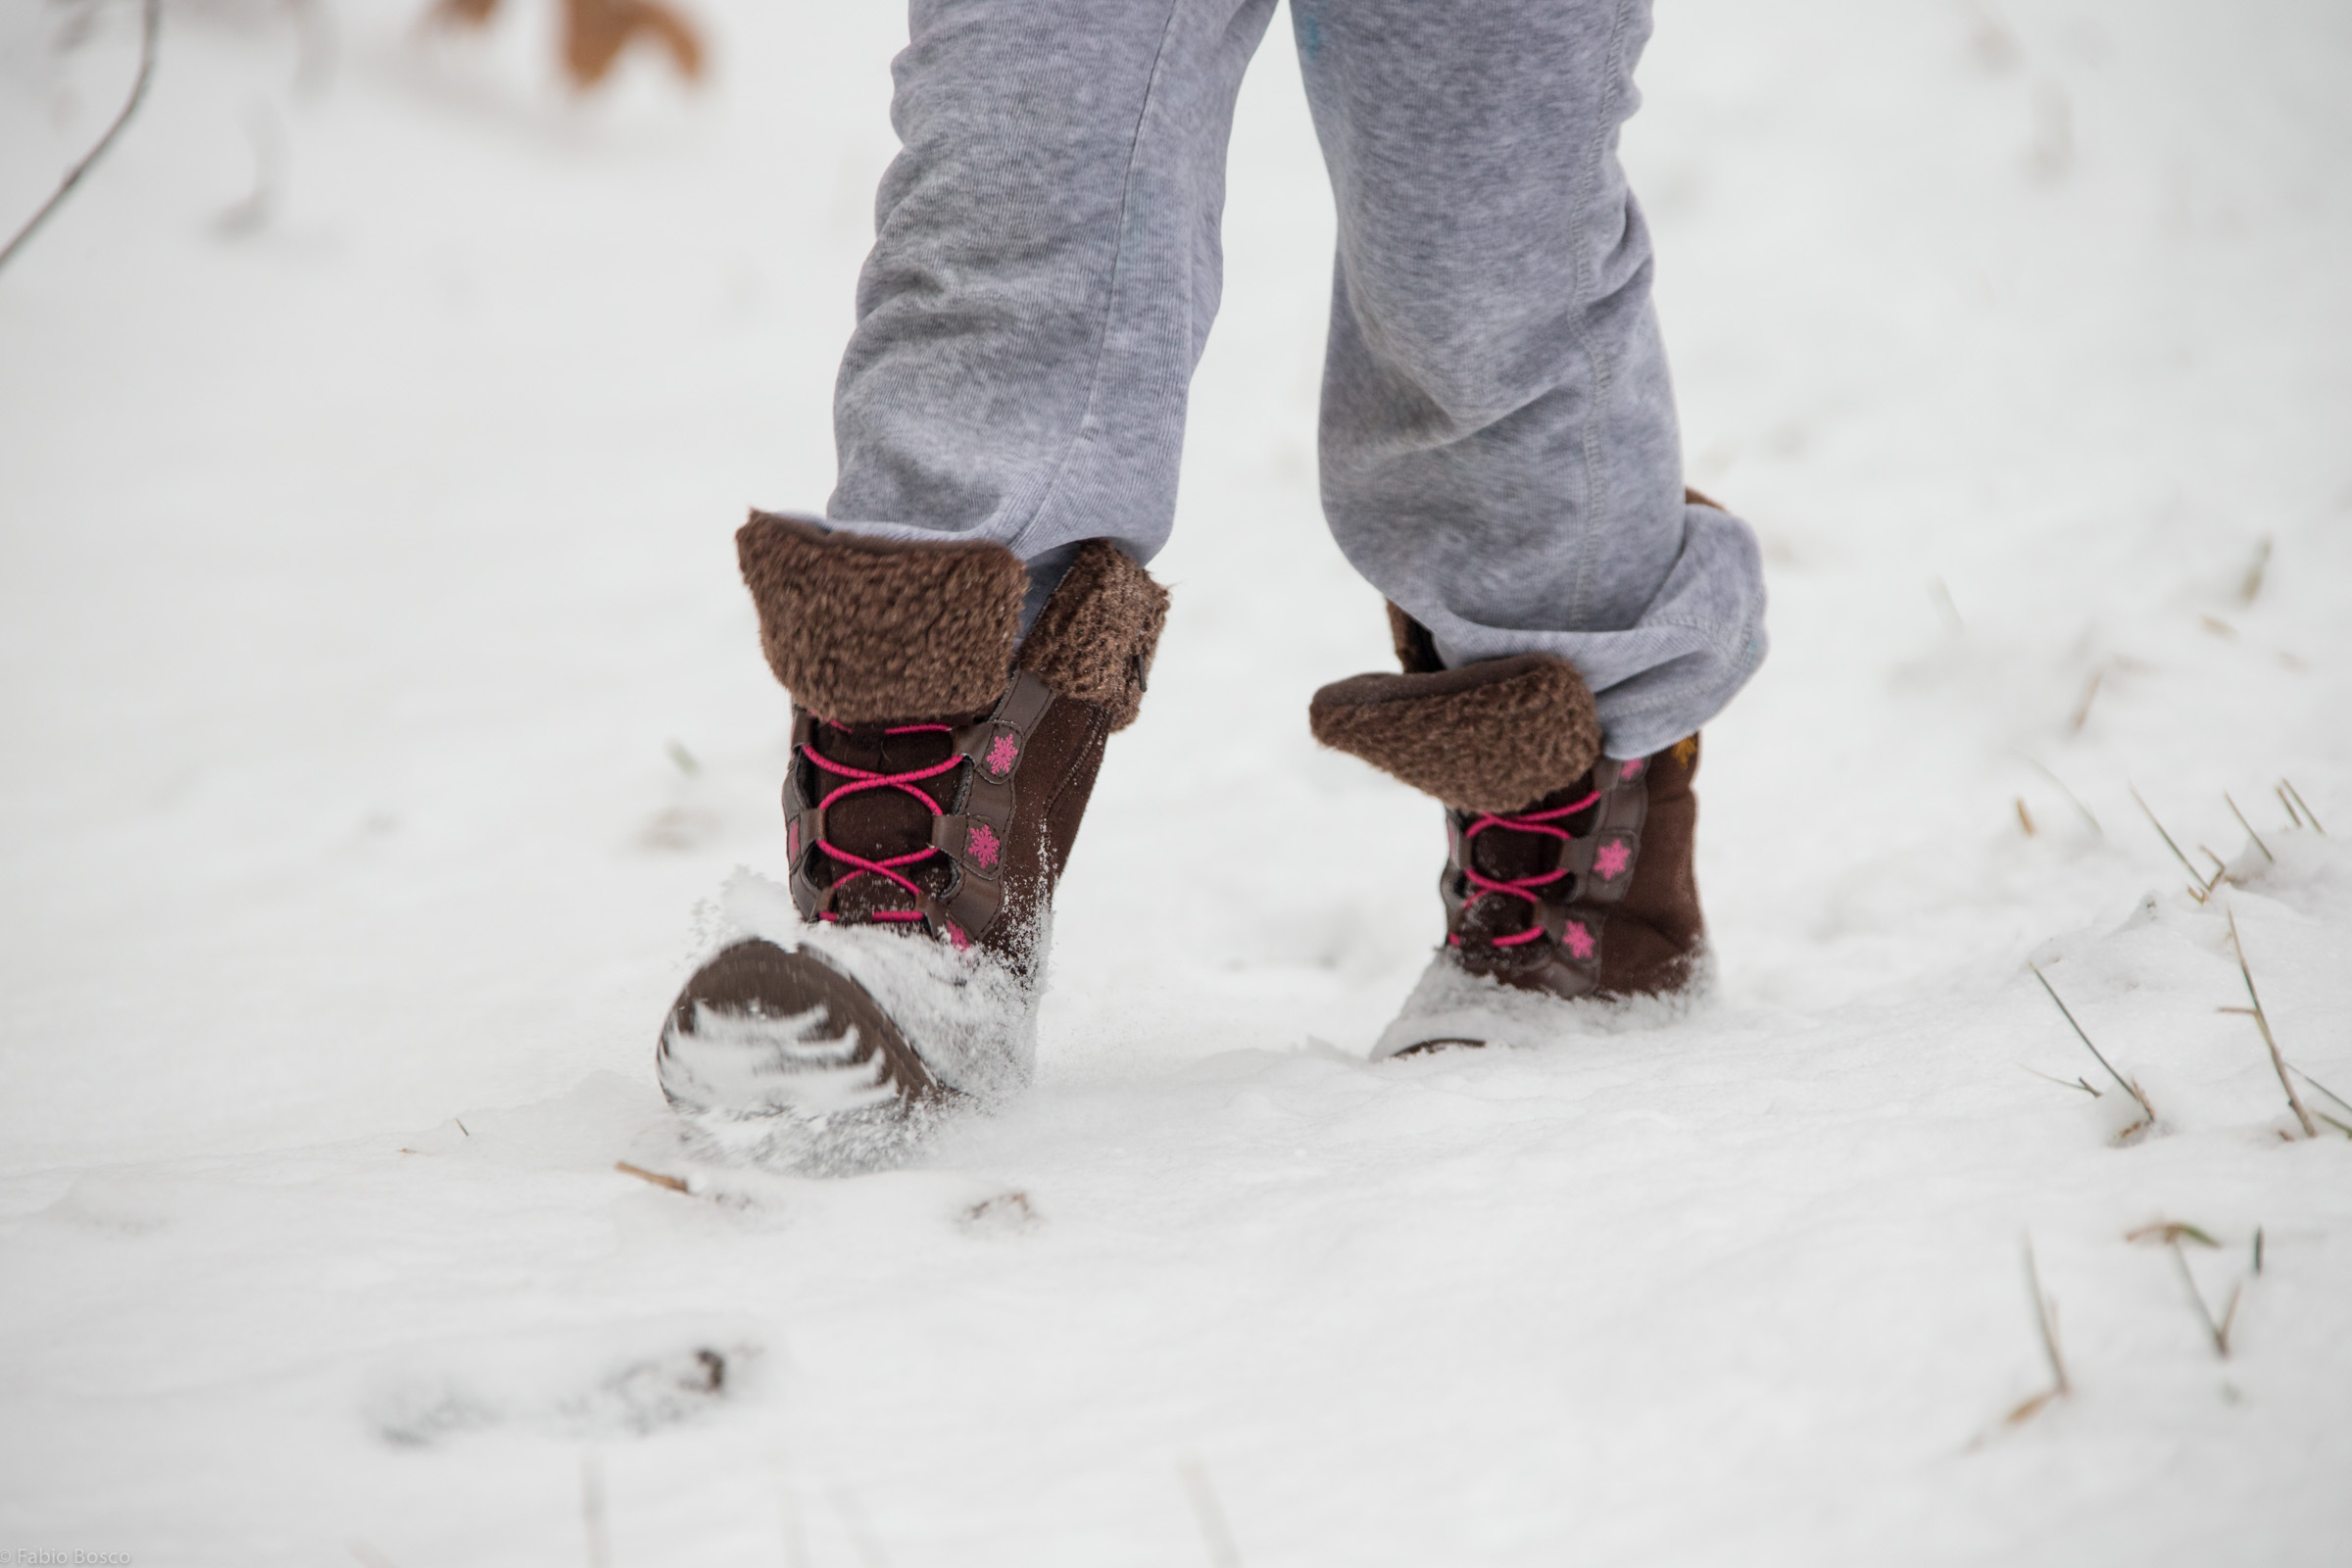 FabioBoscoPhotography_Julias new winter boots-104690.jpg